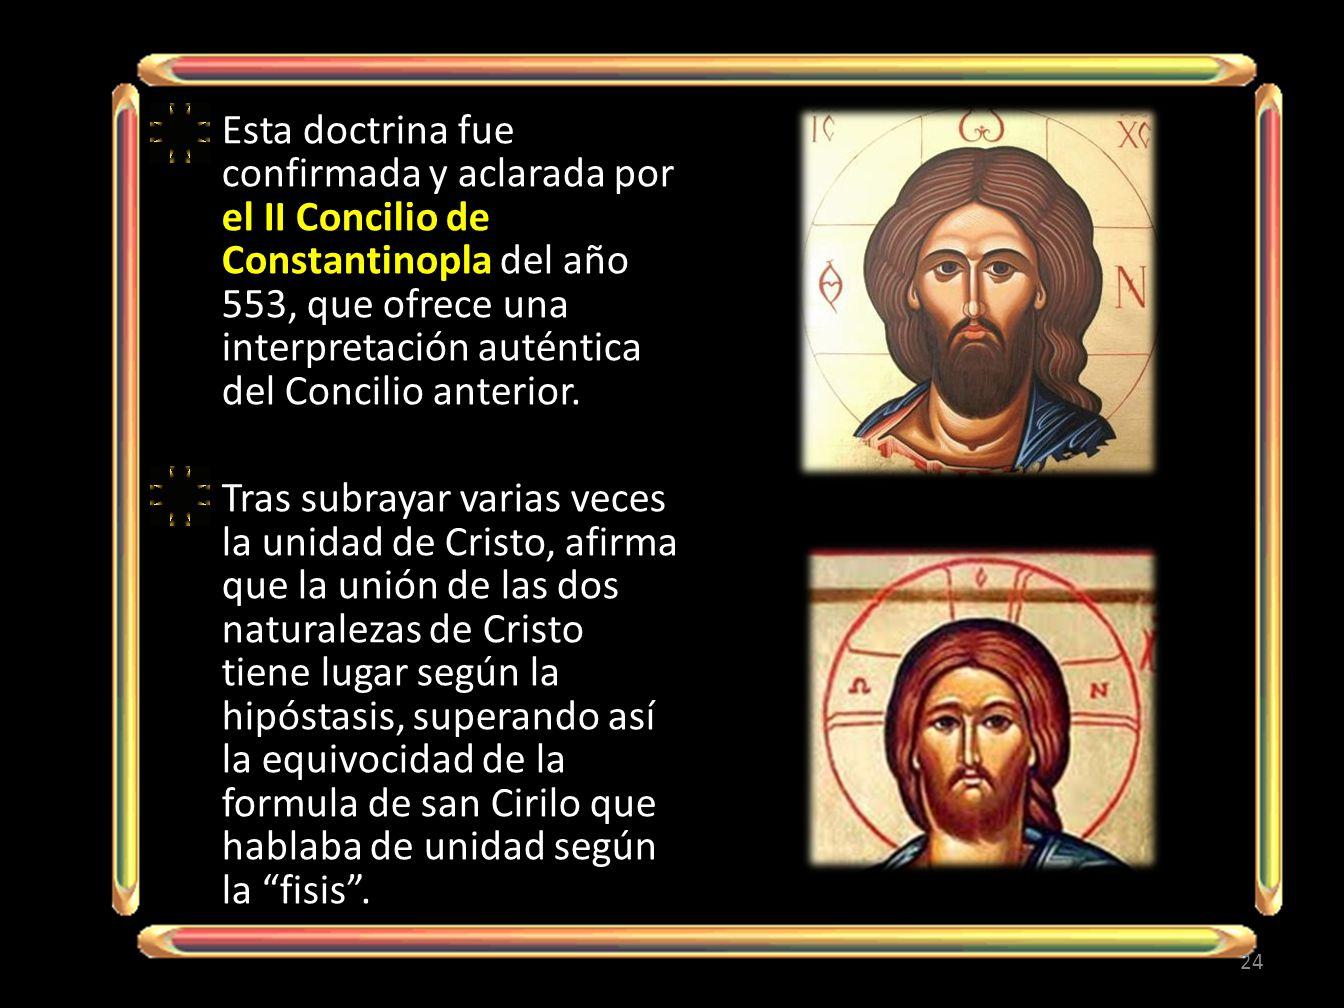 Esta doctrina fue confirmada y aclarada por el II Concilio de Constantinopla del año 553, que ofrece una interpretación auténtica del Concilio anterio